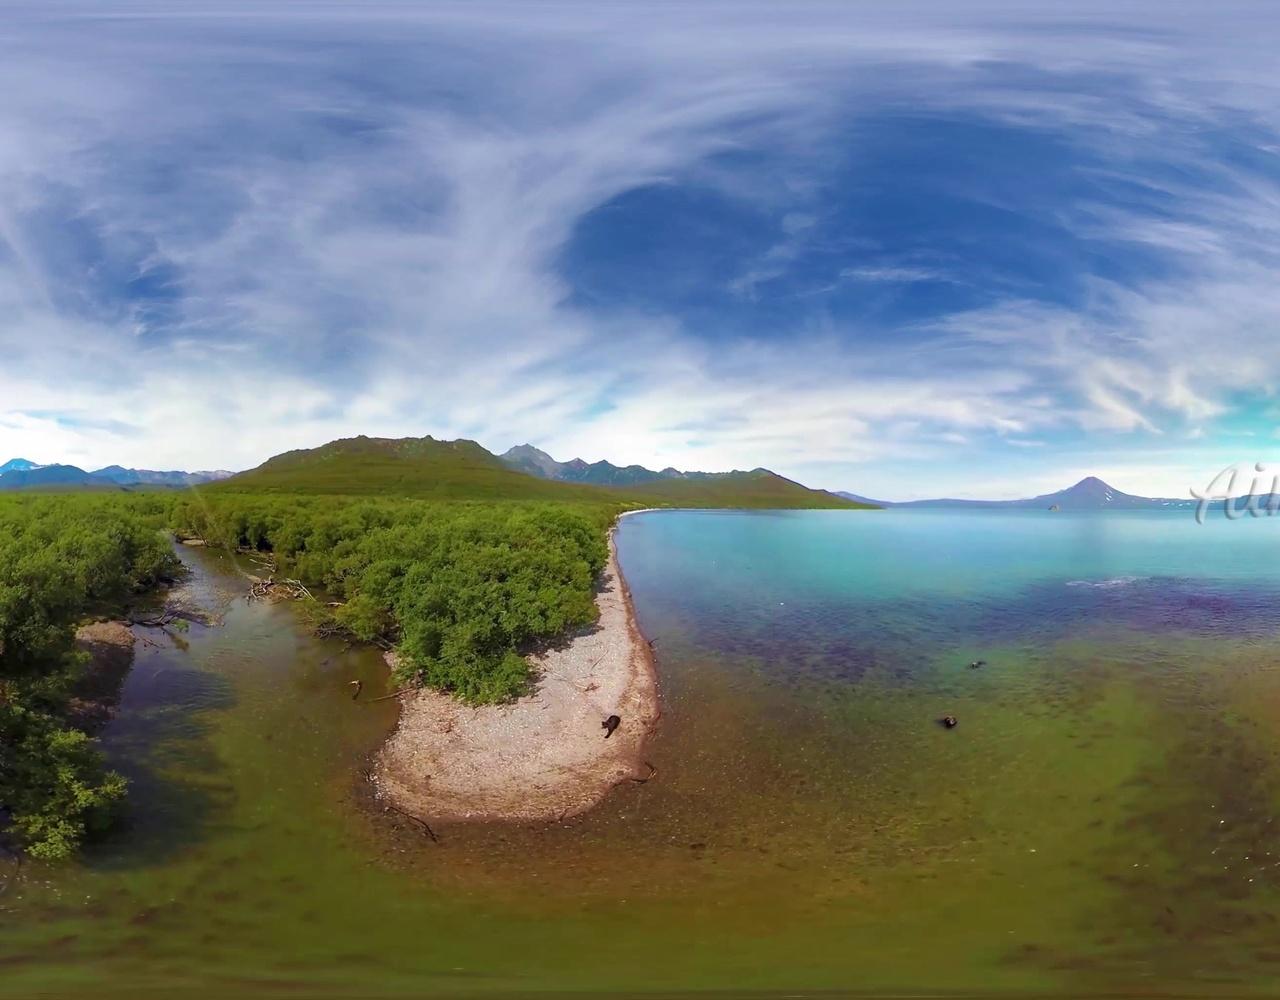 【360°全景】库页湖